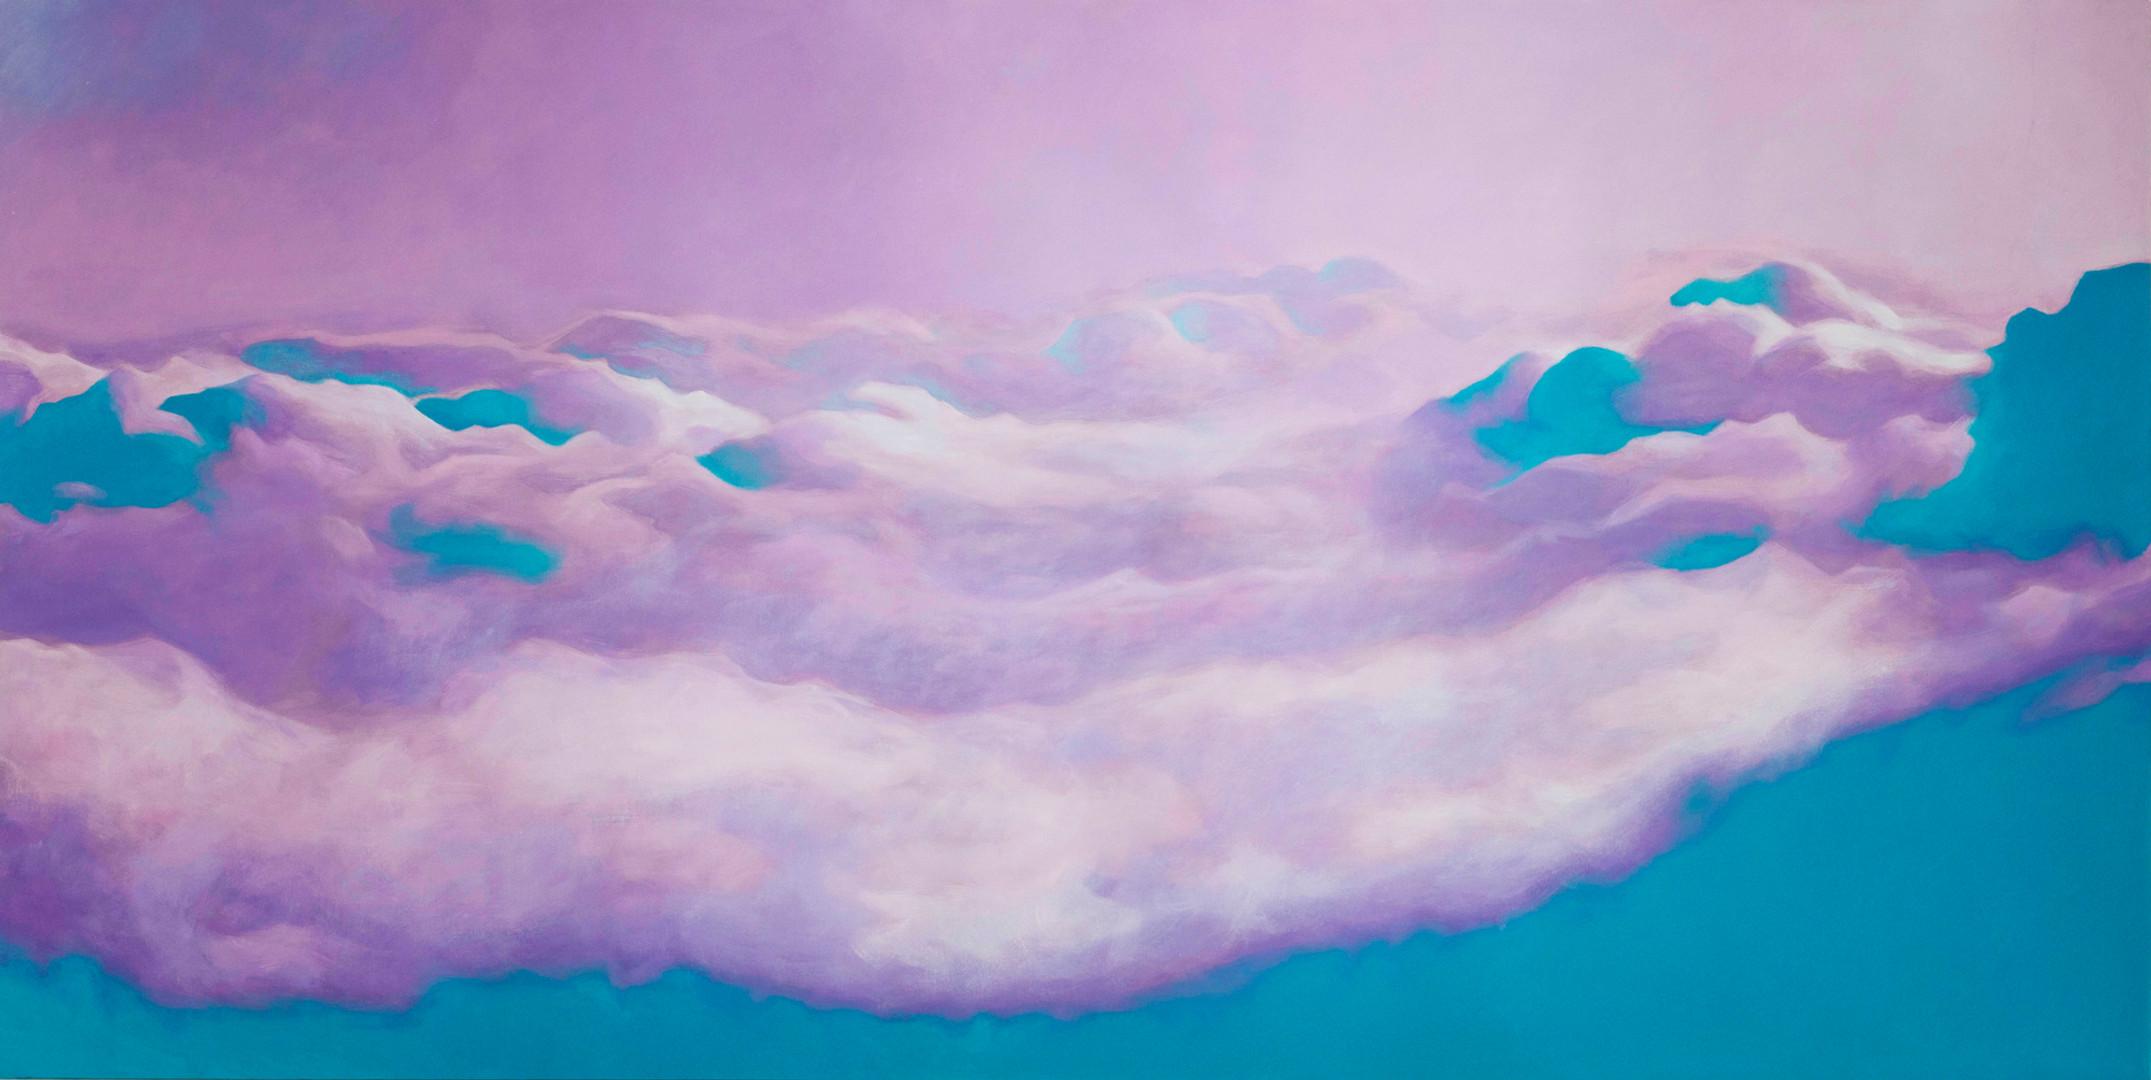 Lilac Sky #4_2019_oil on canvas_100 x 20